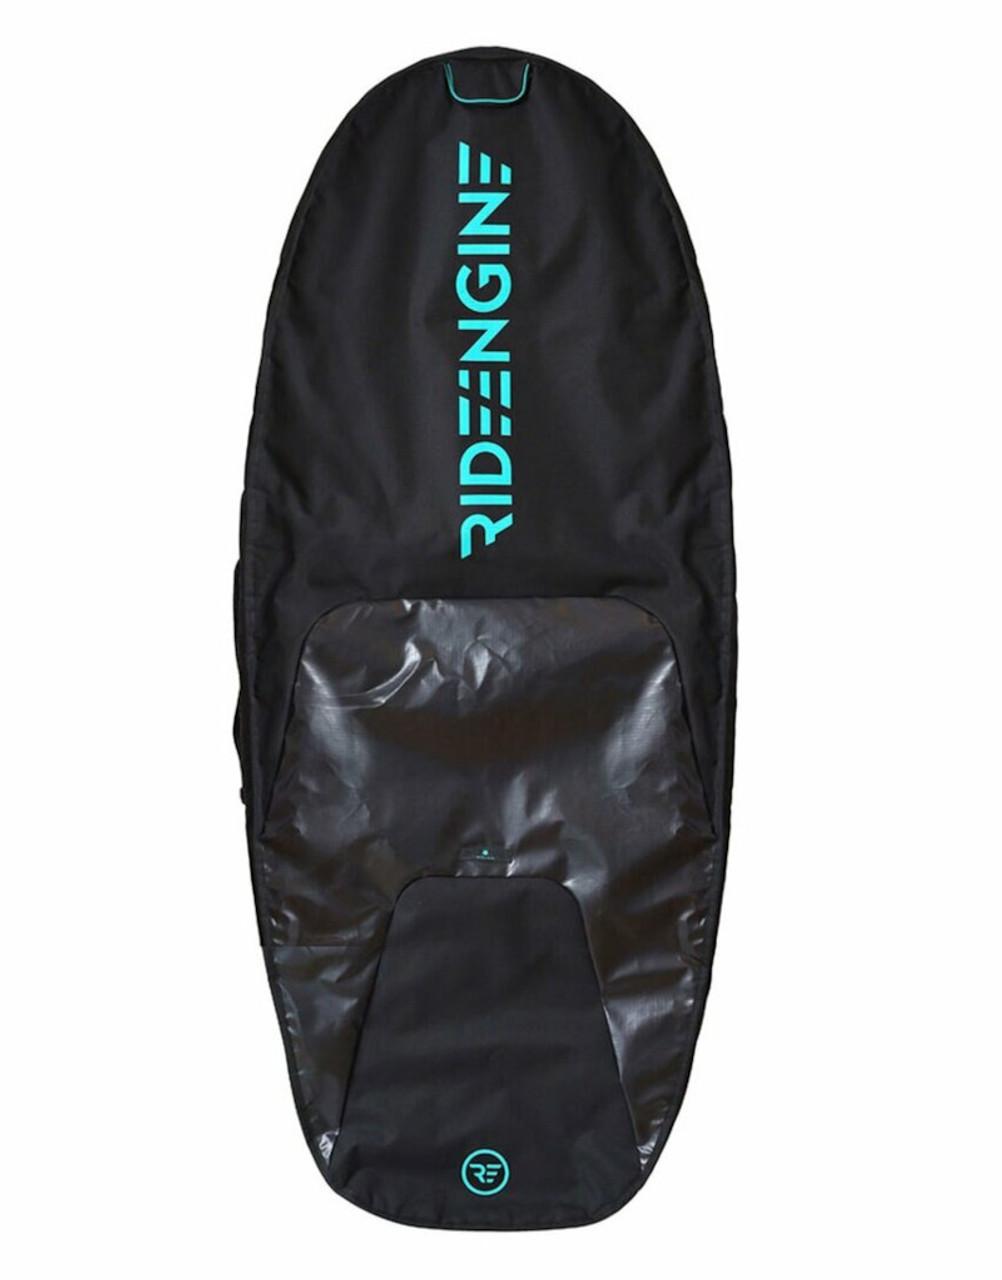 Slingshot Sports Modern Shape Padded Surf Board Bag